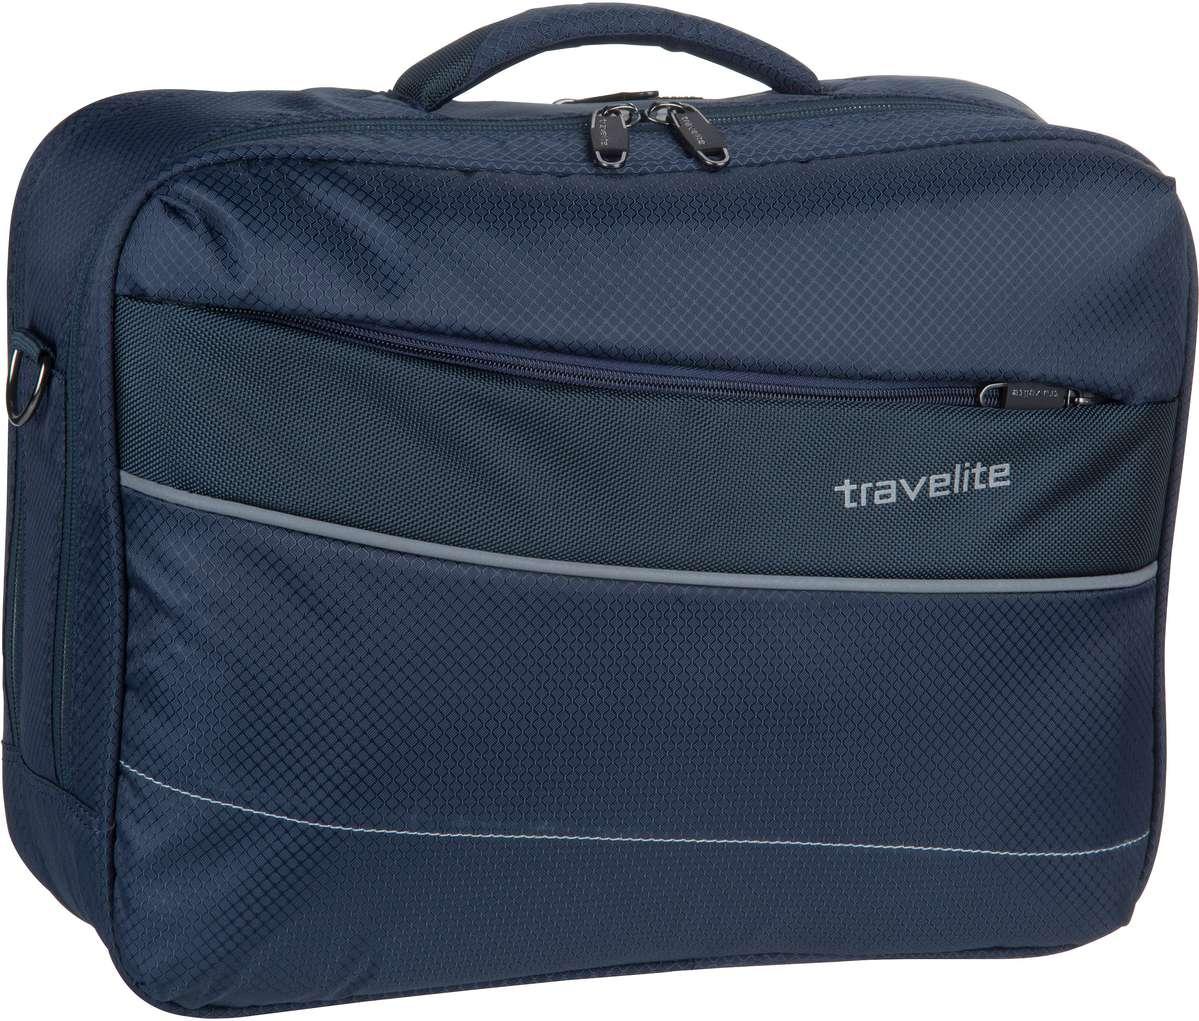 Businesstaschen für Frauen - travelite Kite Bordtasche Marine Aktentasche  - Onlineshop Taschenkaufhaus